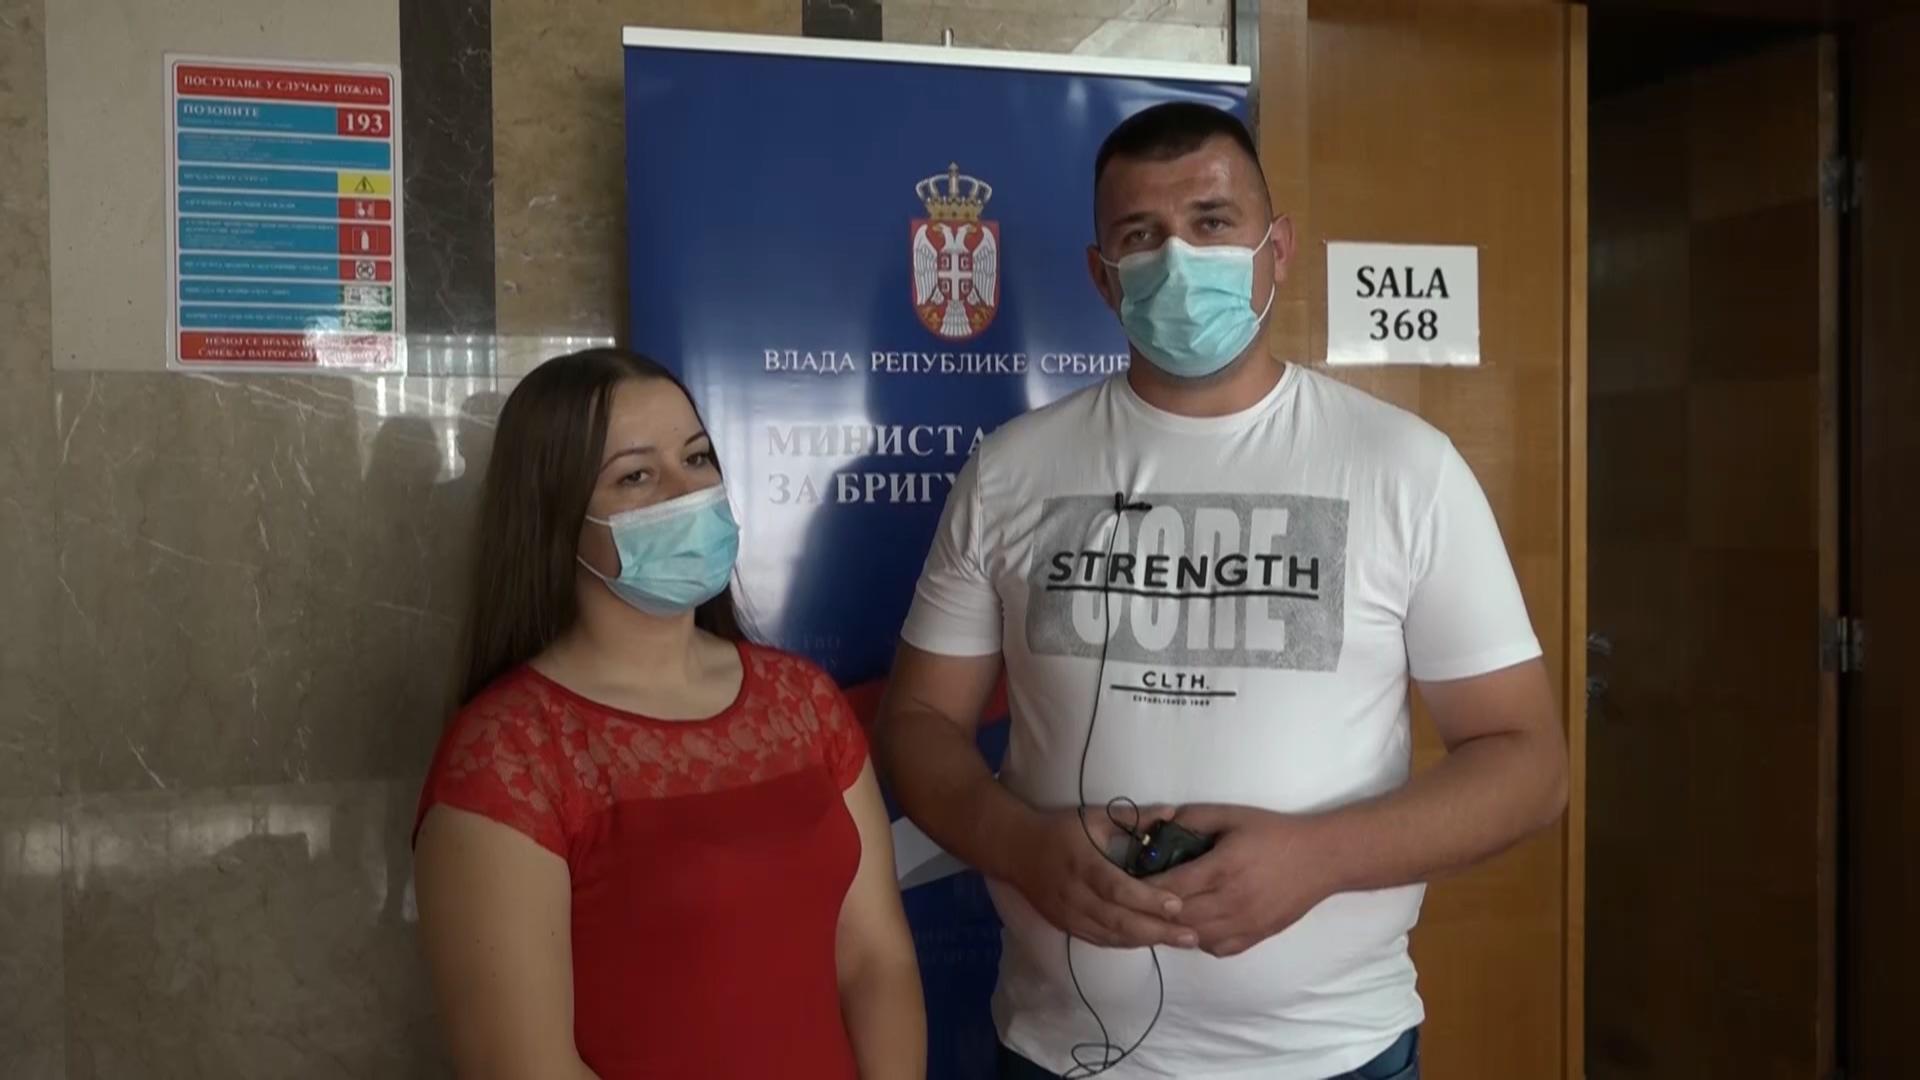 Konkursom Vlade Srbije i Ministarstva za brigu o selu-kuća i okućnica za mladi bračni par iz Obreža